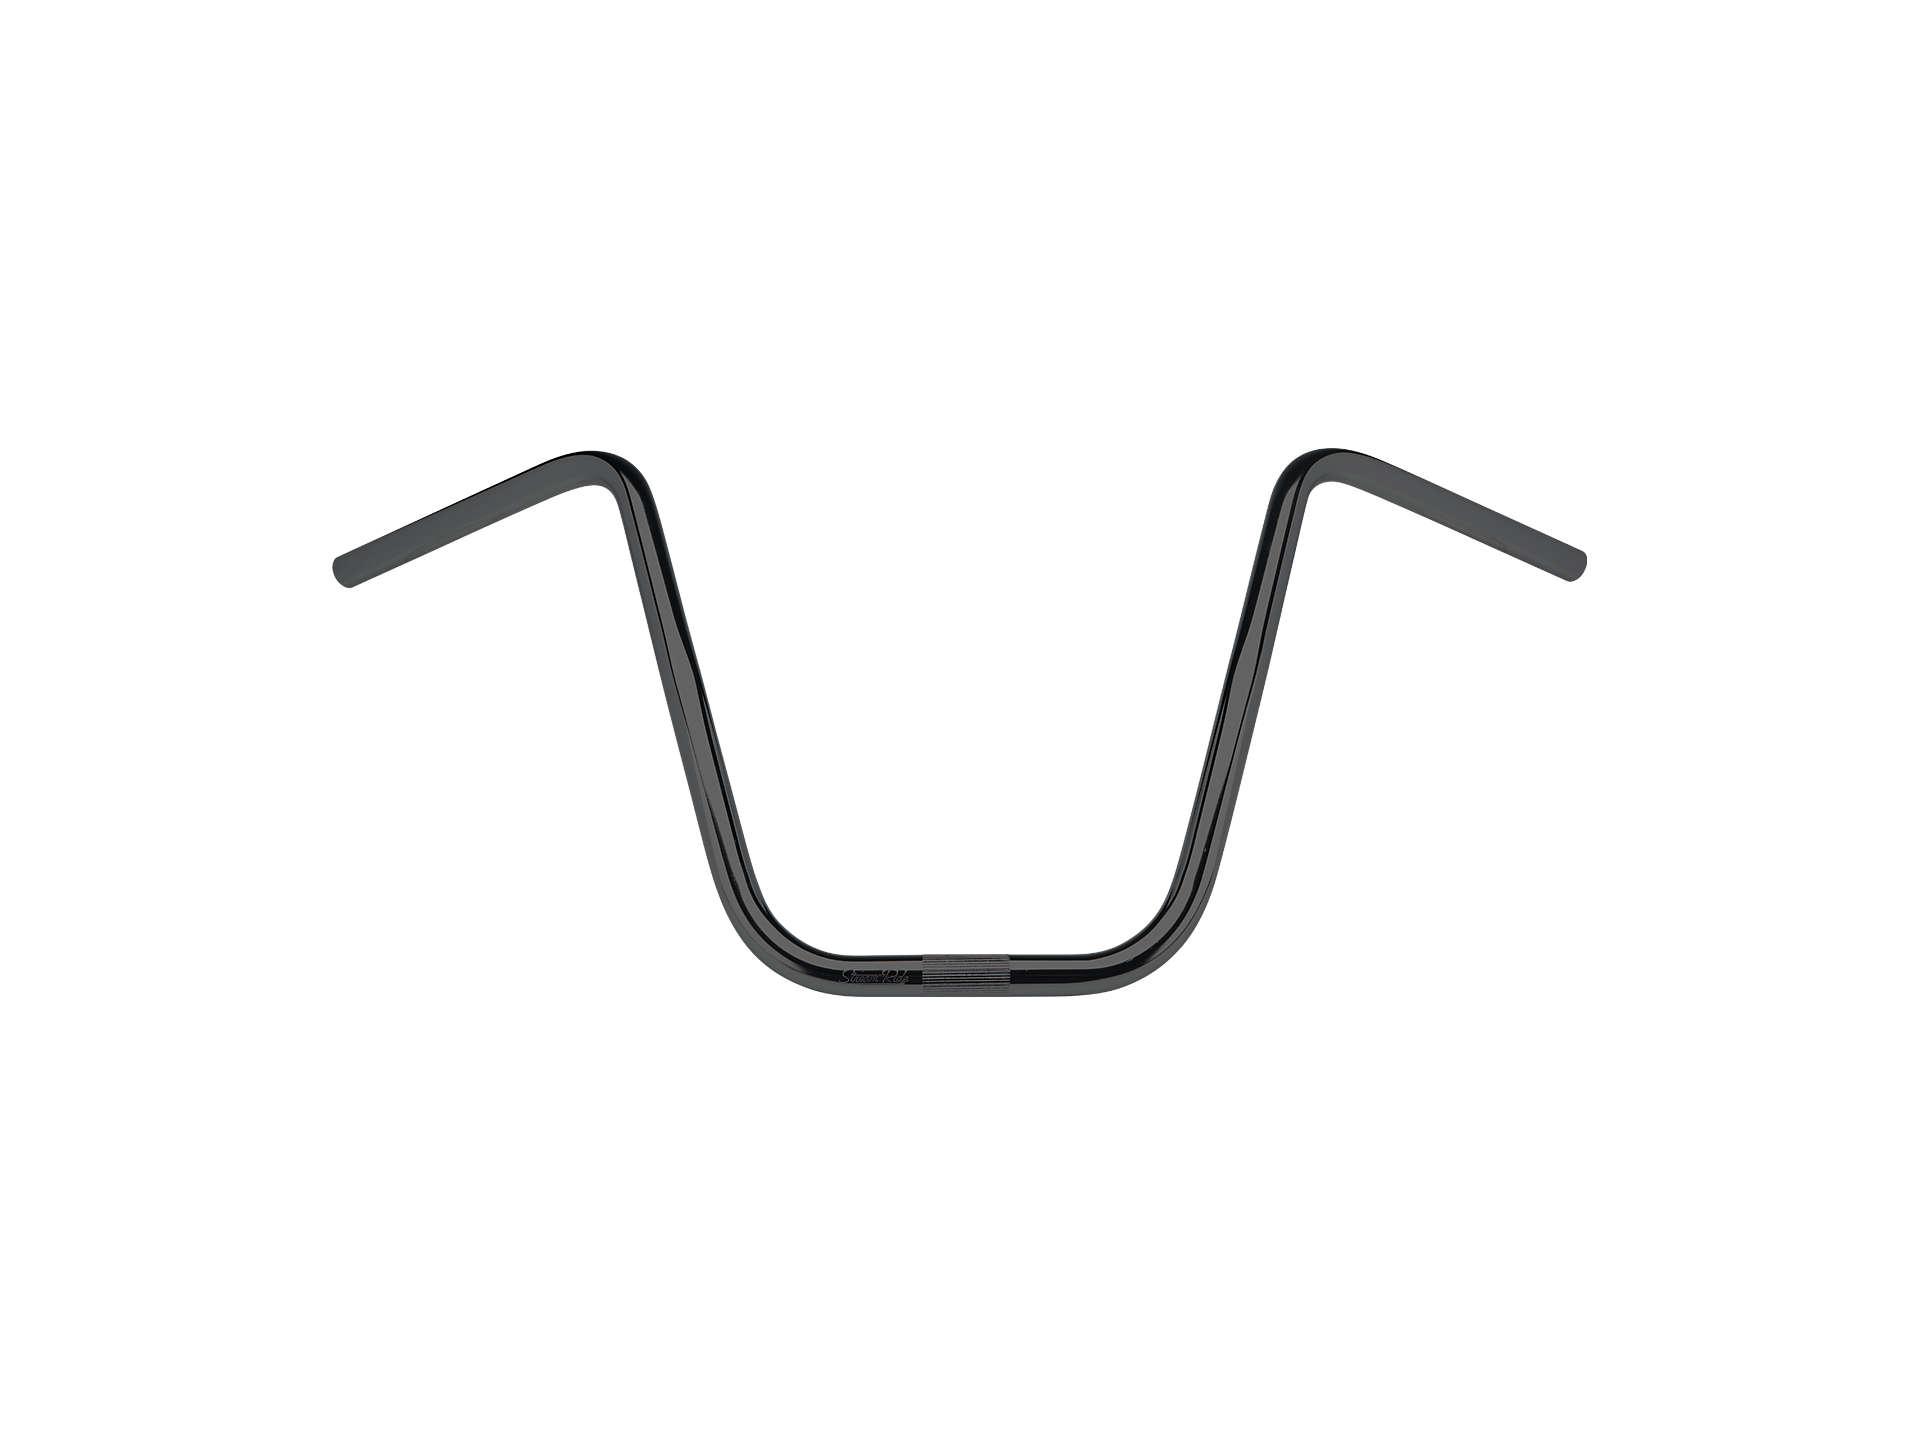 Ape hanger clipart jpg free stock Electra Ape Hanger Cruiser Handlebar   Trek Bikes (IE) jpg free stock